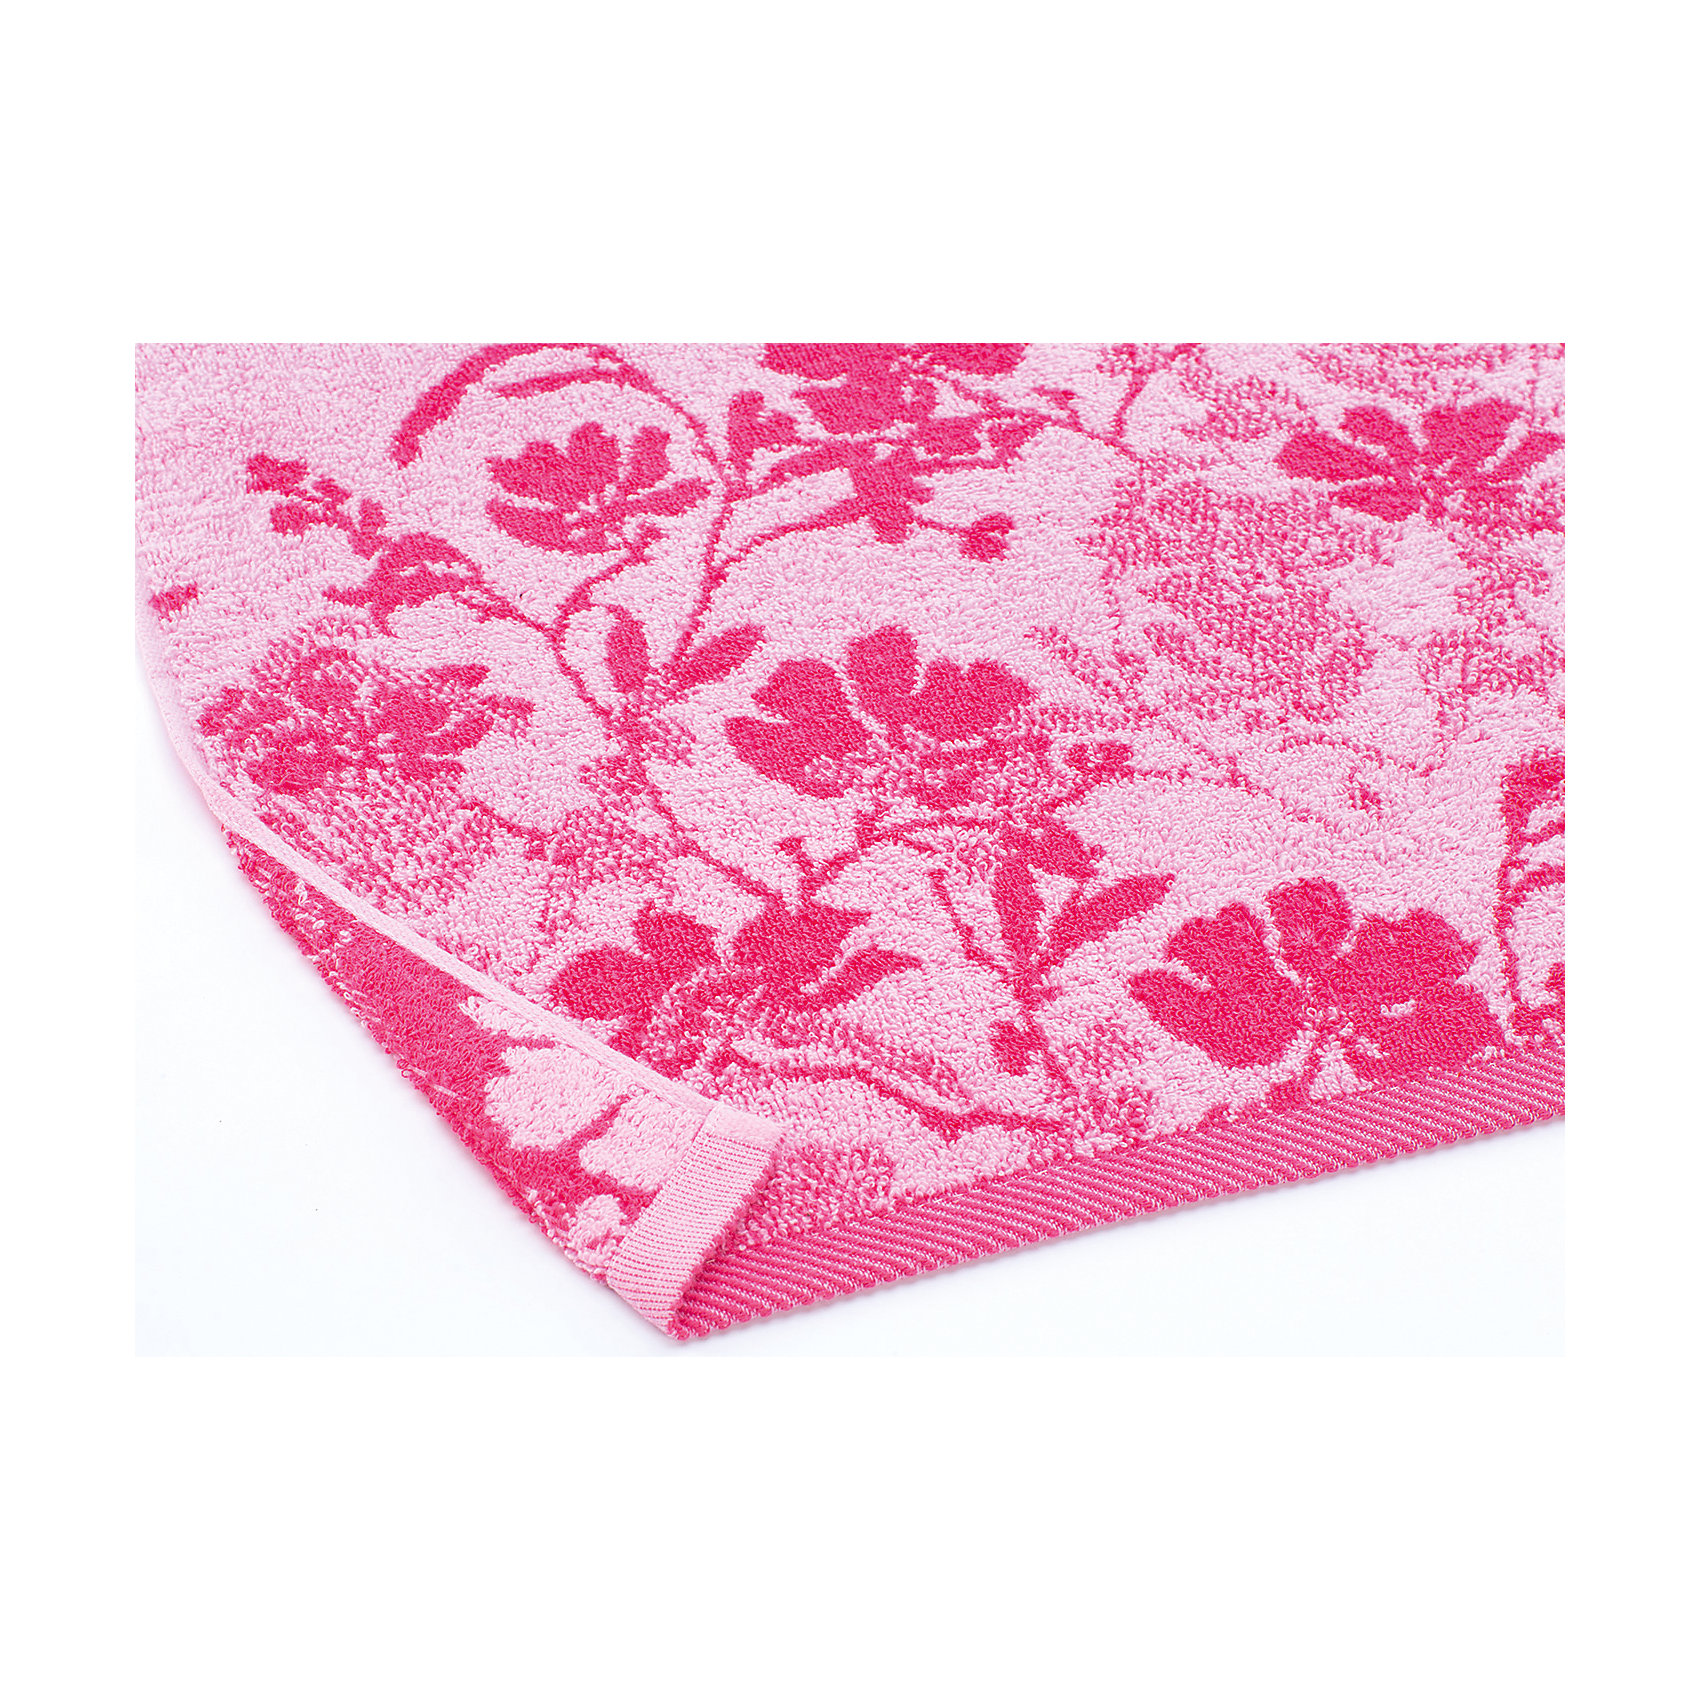 Полотенце махровое Космея 50*90, Любимый дом розовыйВанная комната<br>Махровое полотенце Космея изготовлено из натурального хлопка. Оно отлично впитывает влагу, обладает износостойкостью и остается мягким и ярким даже после стирок. Полотенце украшено крупной вышивкой в форме цветка. Полотенце отлично подойдет после водных процедур.<br><br>Дополнительная информация:<br>Материал: 100% хлопок<br>Размер: 50х90 см<br>Цвет: розовый<br>Торговая марка: Любимый дом<br><br>Махровое полотенце Космея можно купить в нашем интернет-магазине.<br><br>Ширина мм: 500<br>Глубина мм: 500<br>Высота мм: 200<br>Вес г: 250<br>Возраст от месяцев: 0<br>Возраст до месяцев: 144<br>Пол: Унисекс<br>Возраст: Детский<br>SKU: 5010960